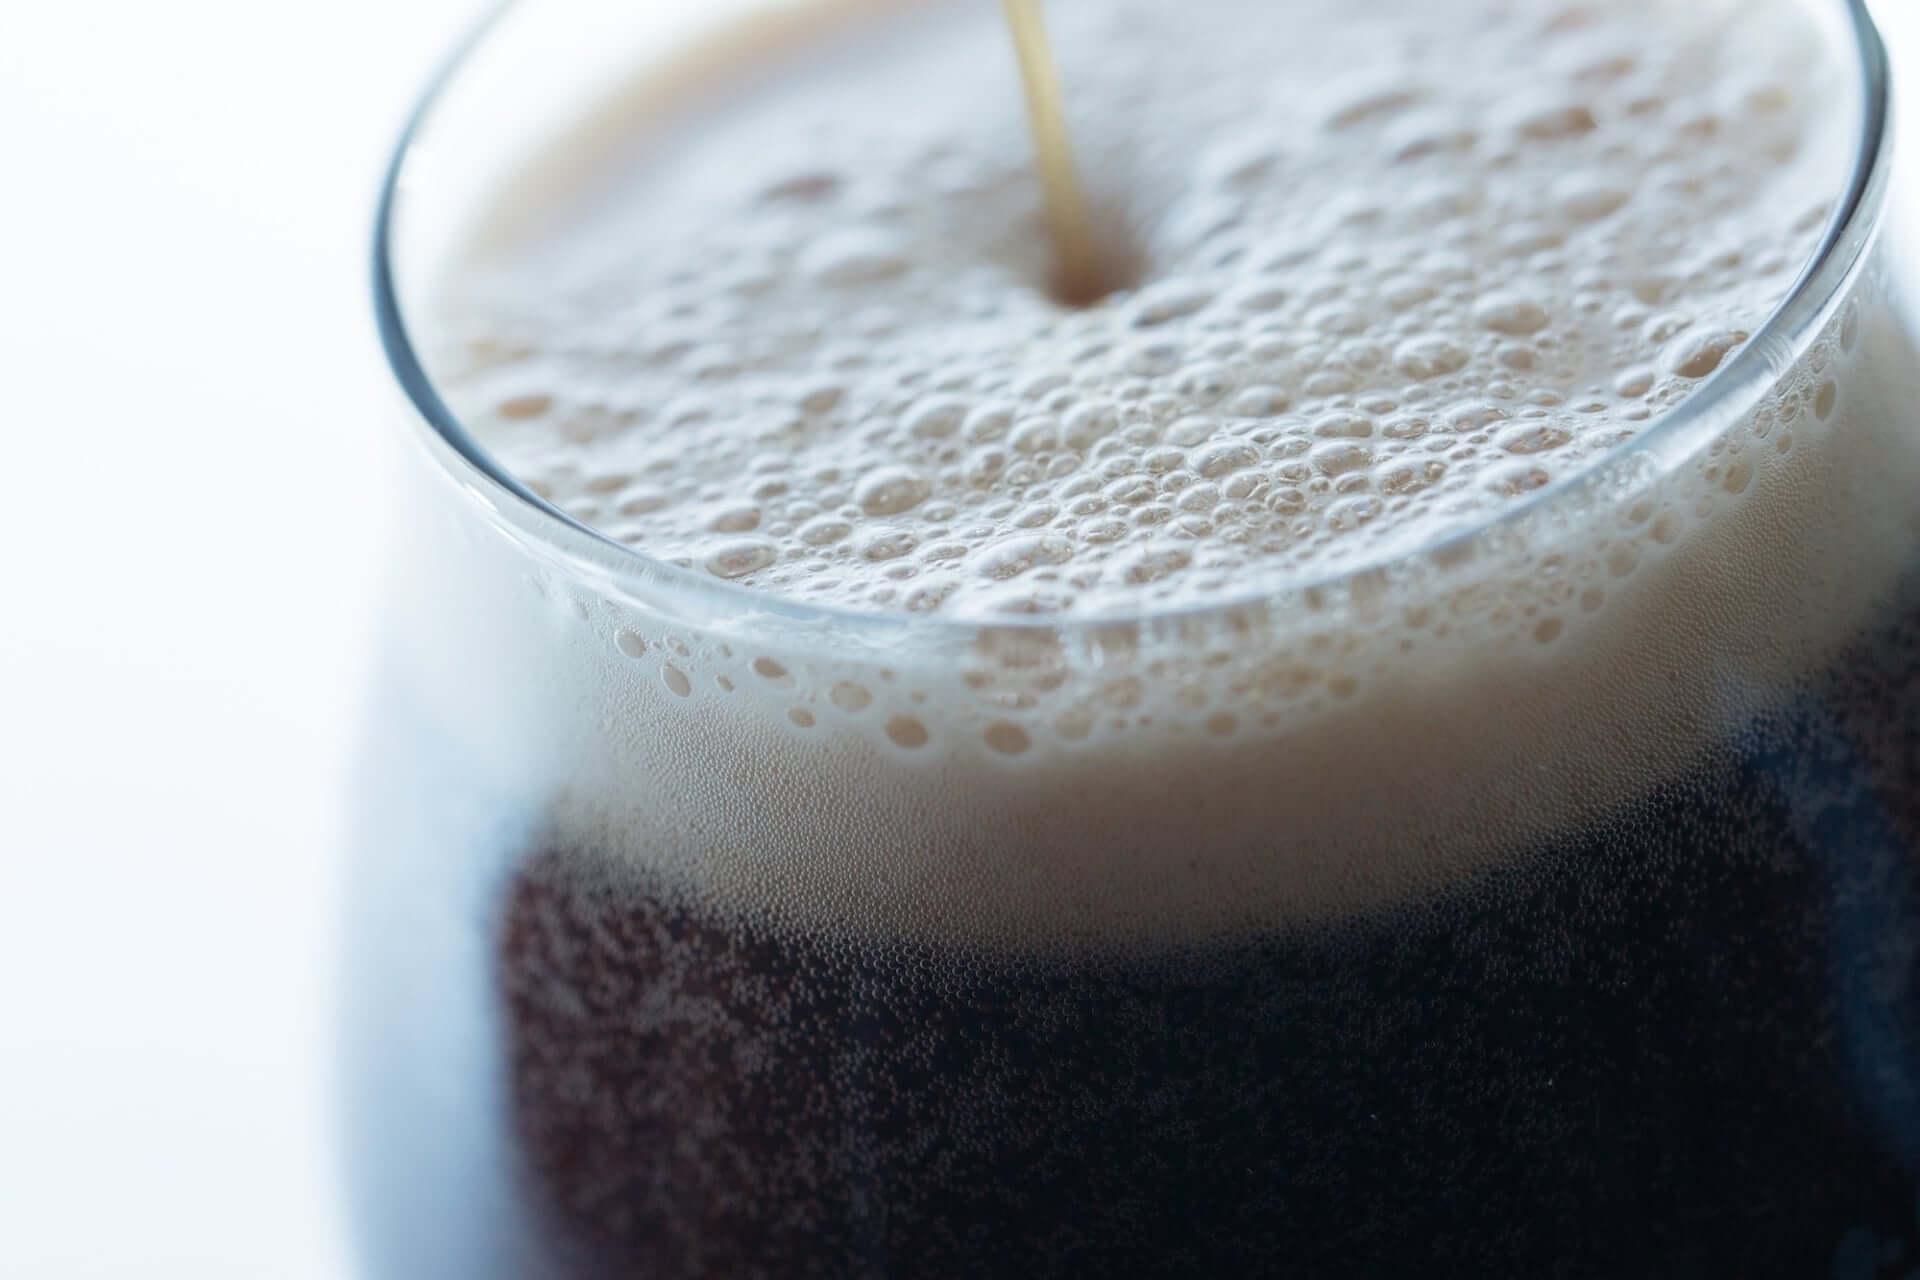 豊かで滋味深い風味!コオロギを原料に使用した世界初のクラフトビール『コオロギビール』が渋谷パルコにて期間限定販売 gourmet200220_cricketdarkale_5-1920x1280